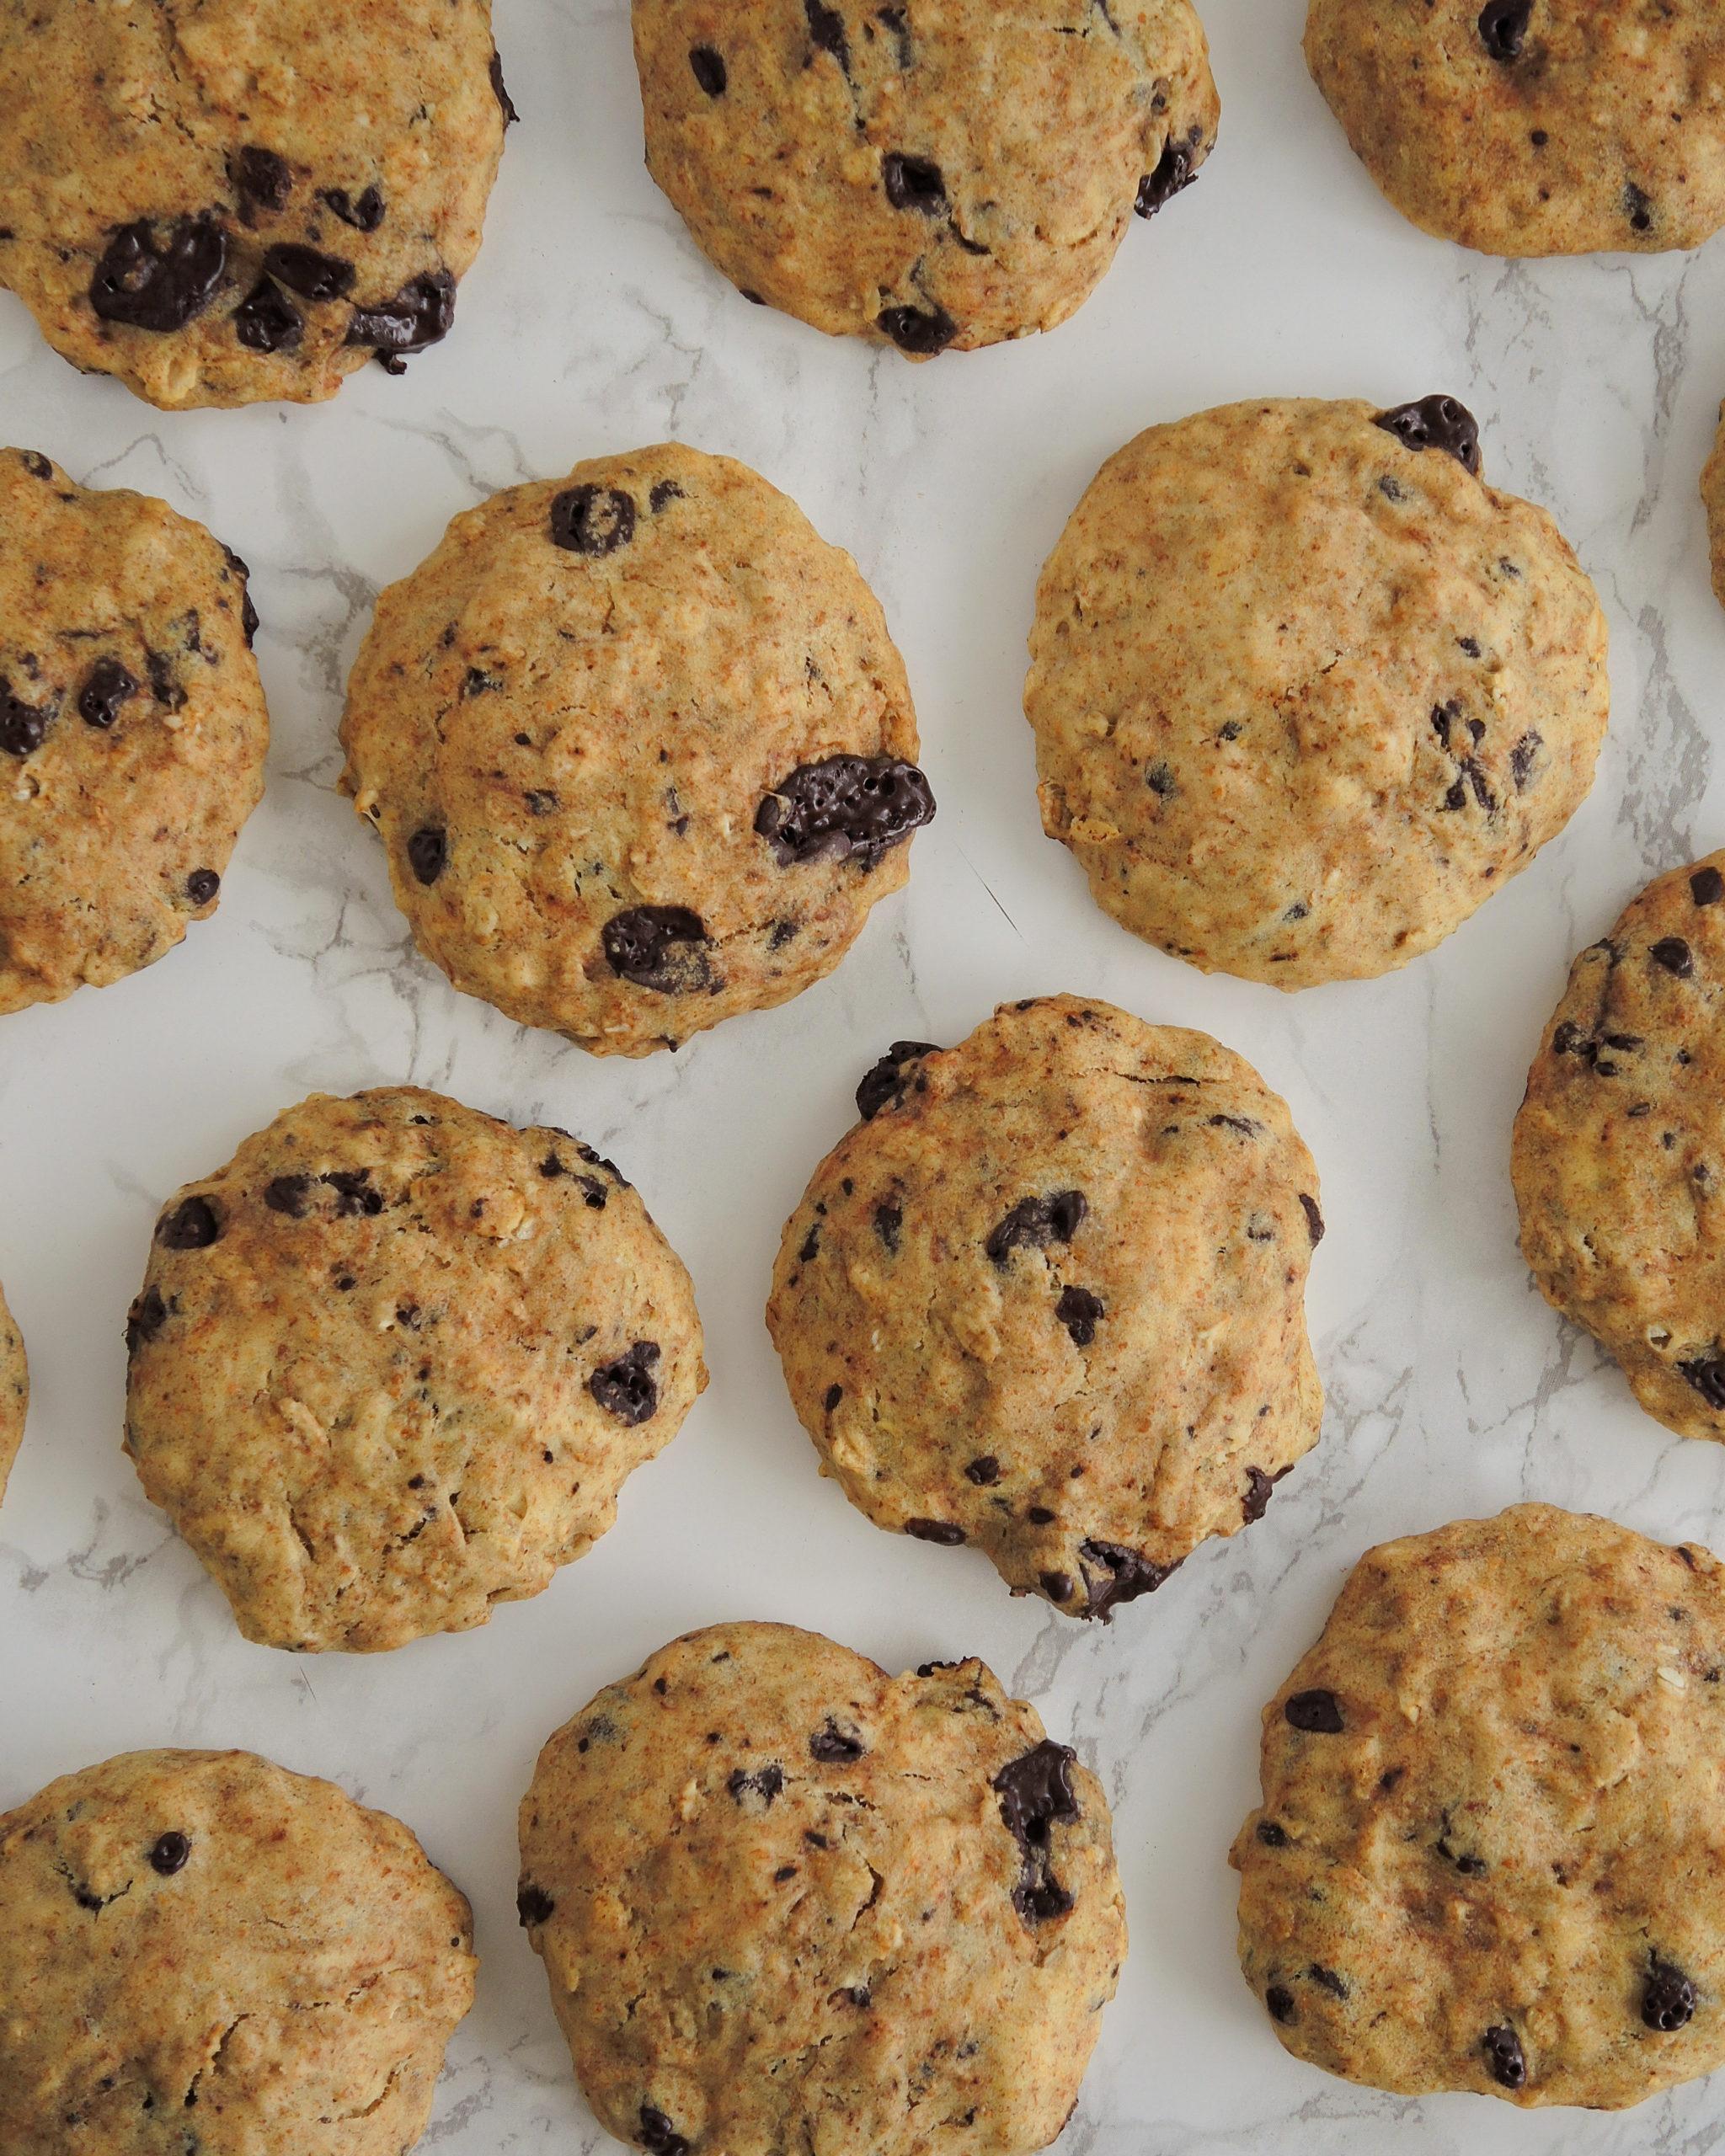 Ciasteczka z czekoladą (Chocolate Chip Cookies)